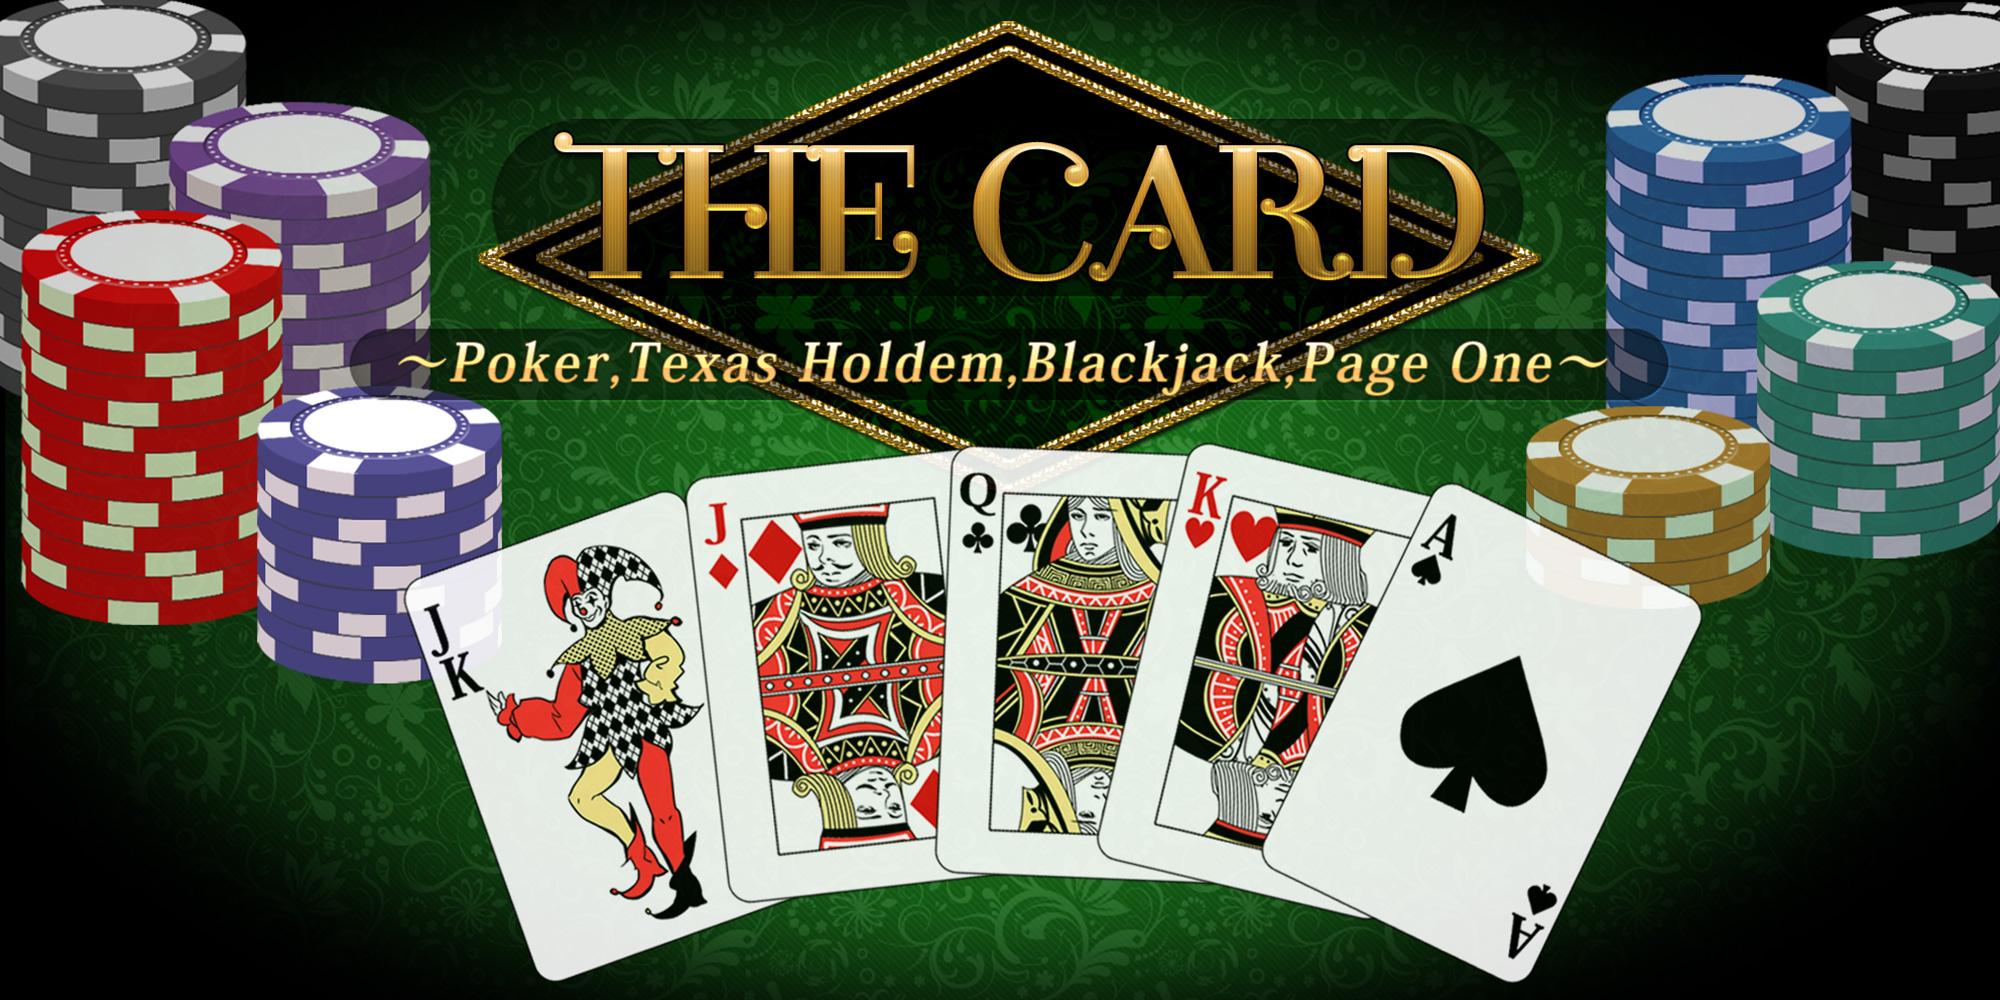 Texas Hold Em Poker Casino Kartenspiele Und Slots Vermitteln Diese Perfekte Casino Atmosphare Poker Deutschland Download